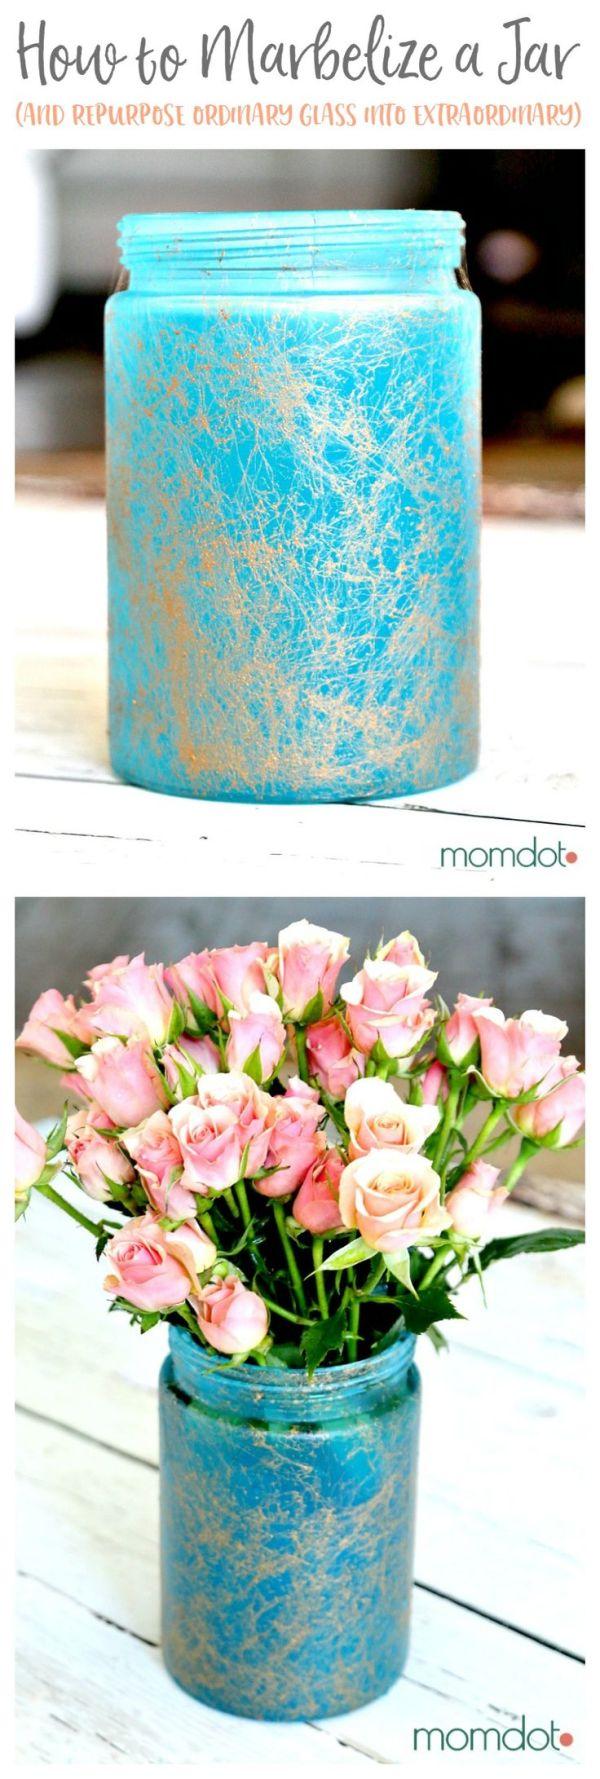 1000+ ideas about Mason Jar Art on Pinterest | Jar art ...